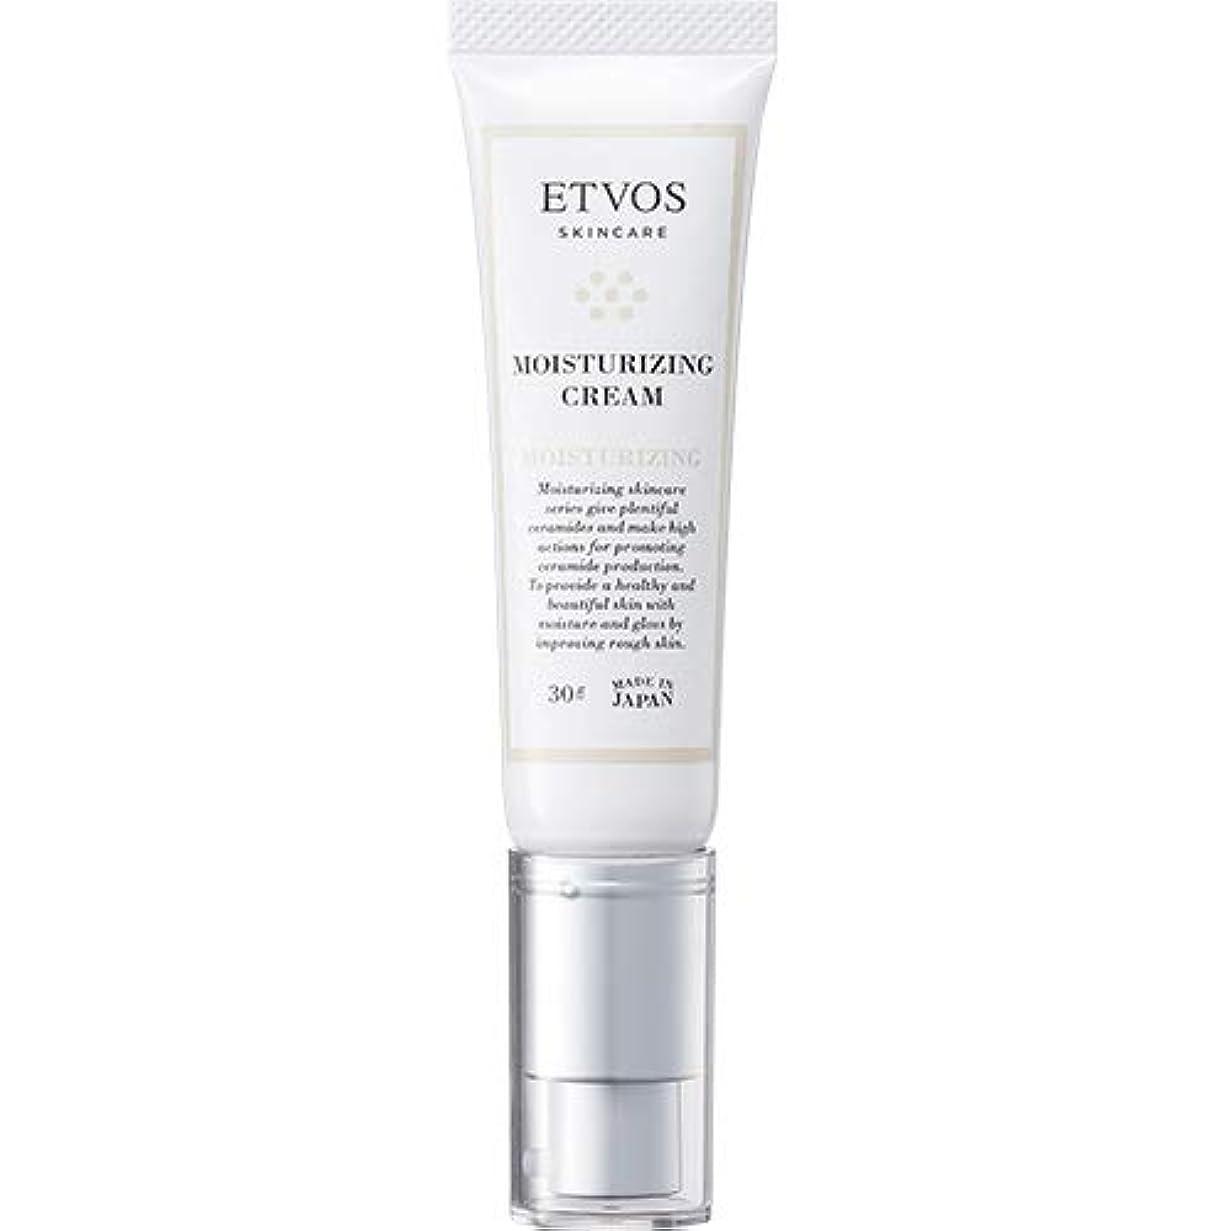 うつトライアスロン懐疑論ETVOS(エトヴォス) モイスチャライジングクリーム 30g